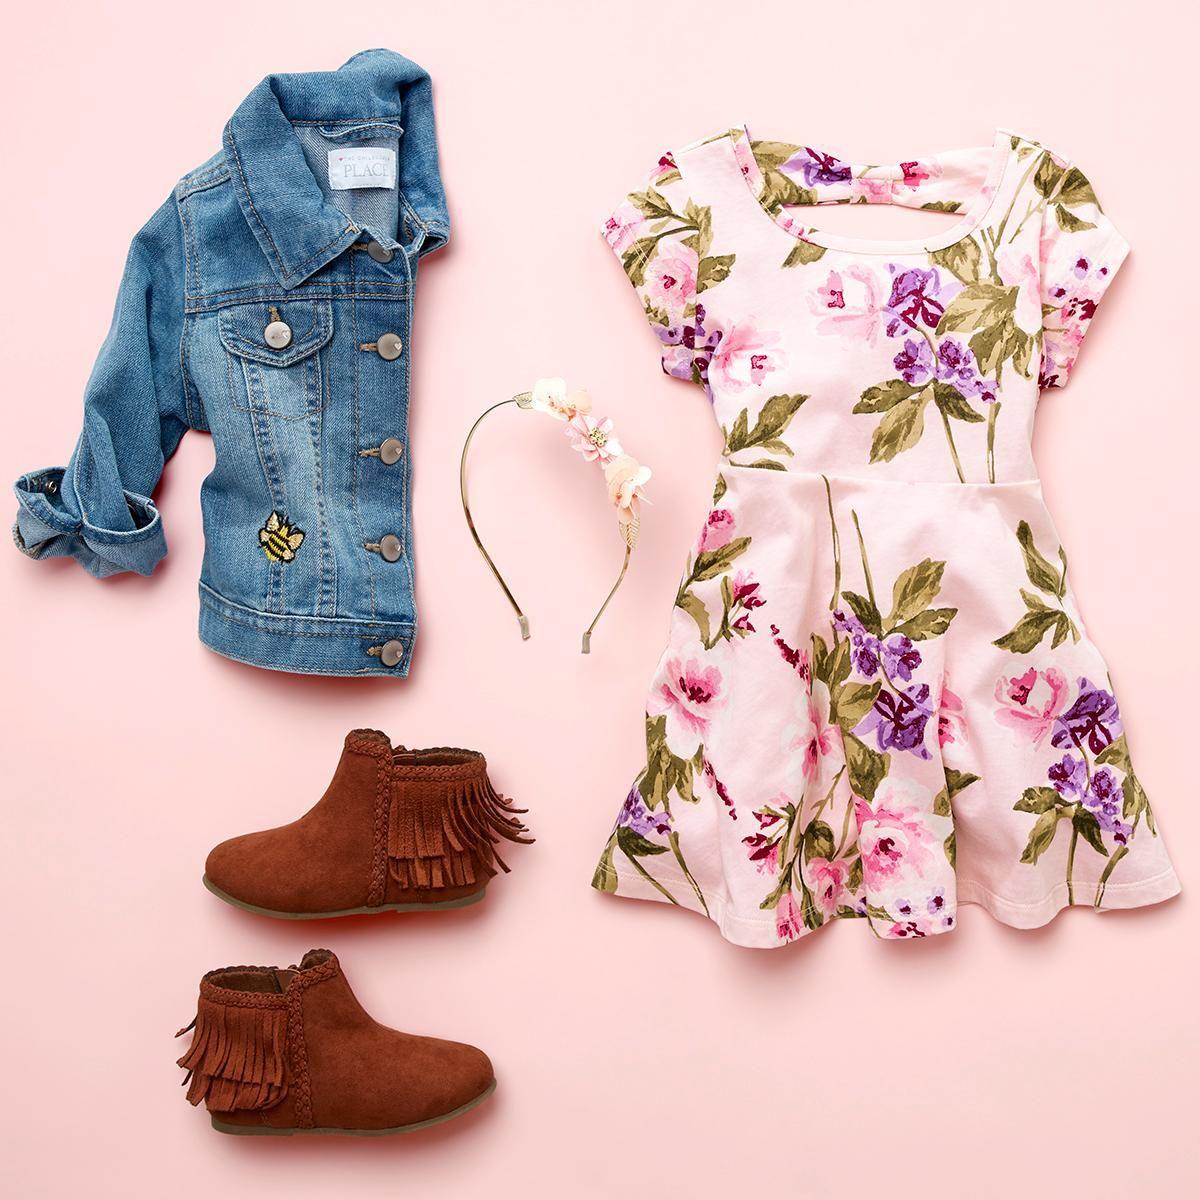 2f764eaf7 Toddler girls' fashion | Kids' clothes | Denim jacket | Floral dress |  Fringe boots | Floral headband | The Children's Place